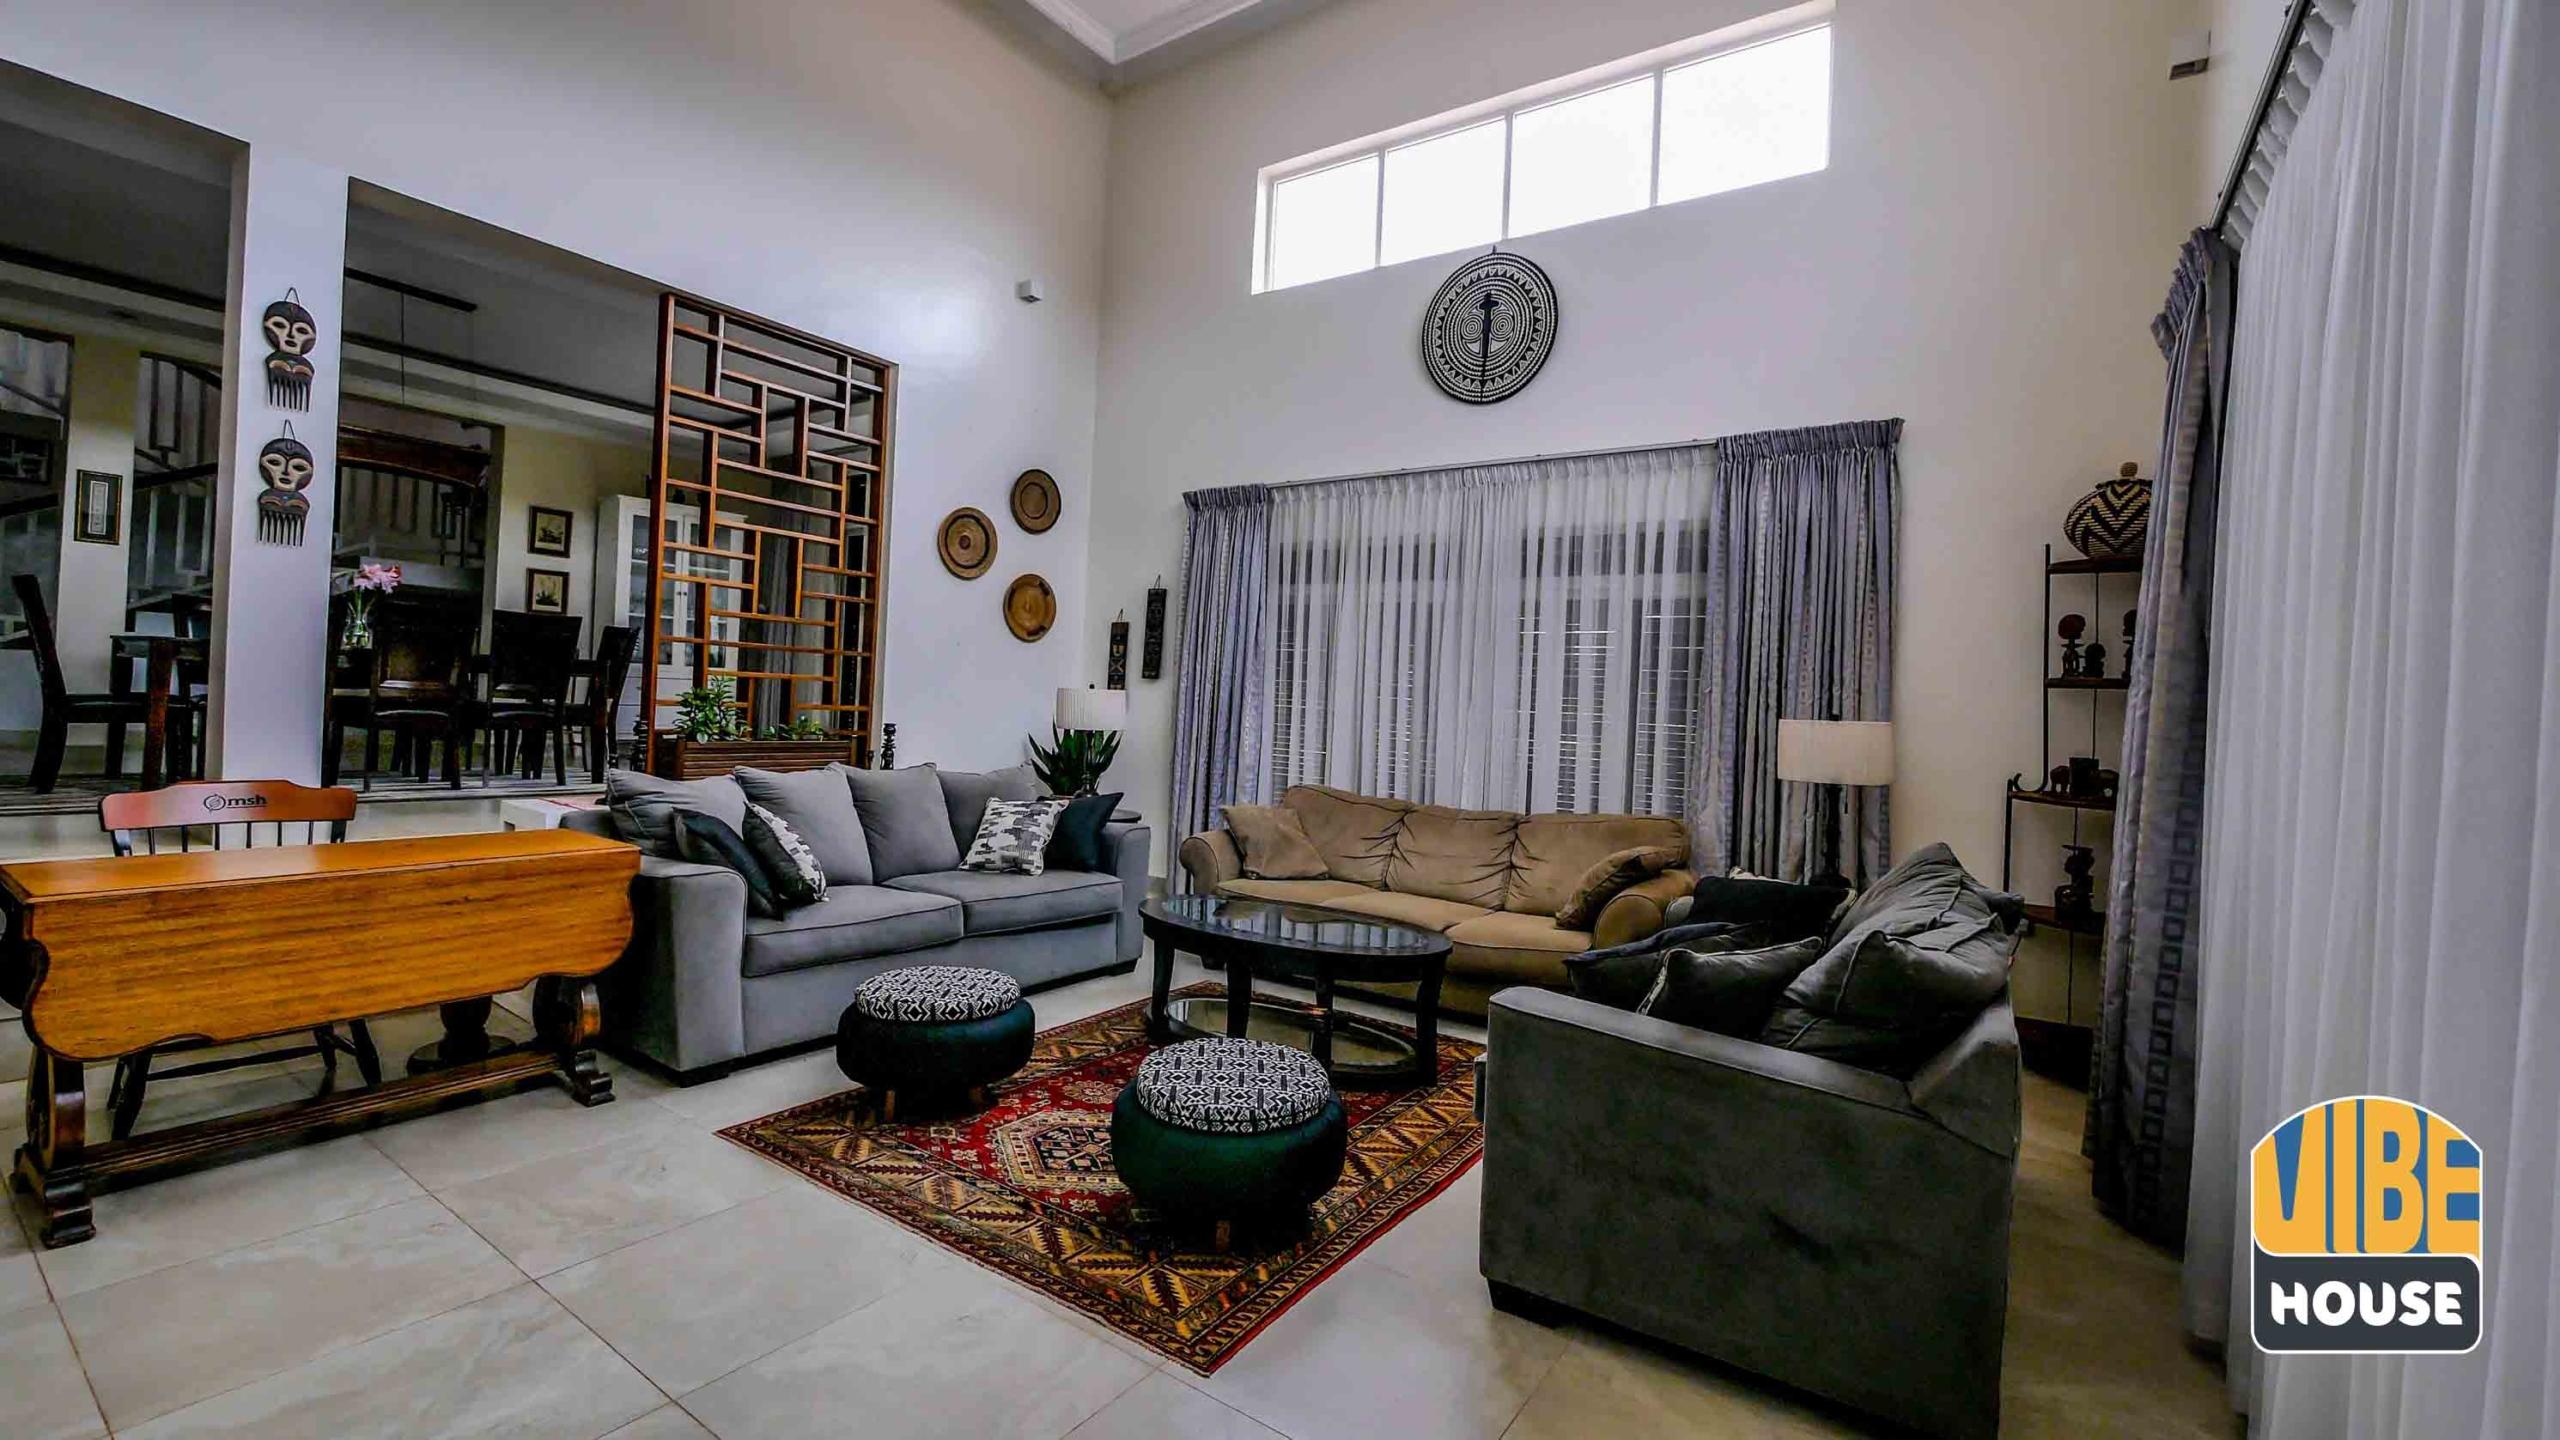 House For Rent Kigali Kibagabaga 19 03 26 1 6 scaled